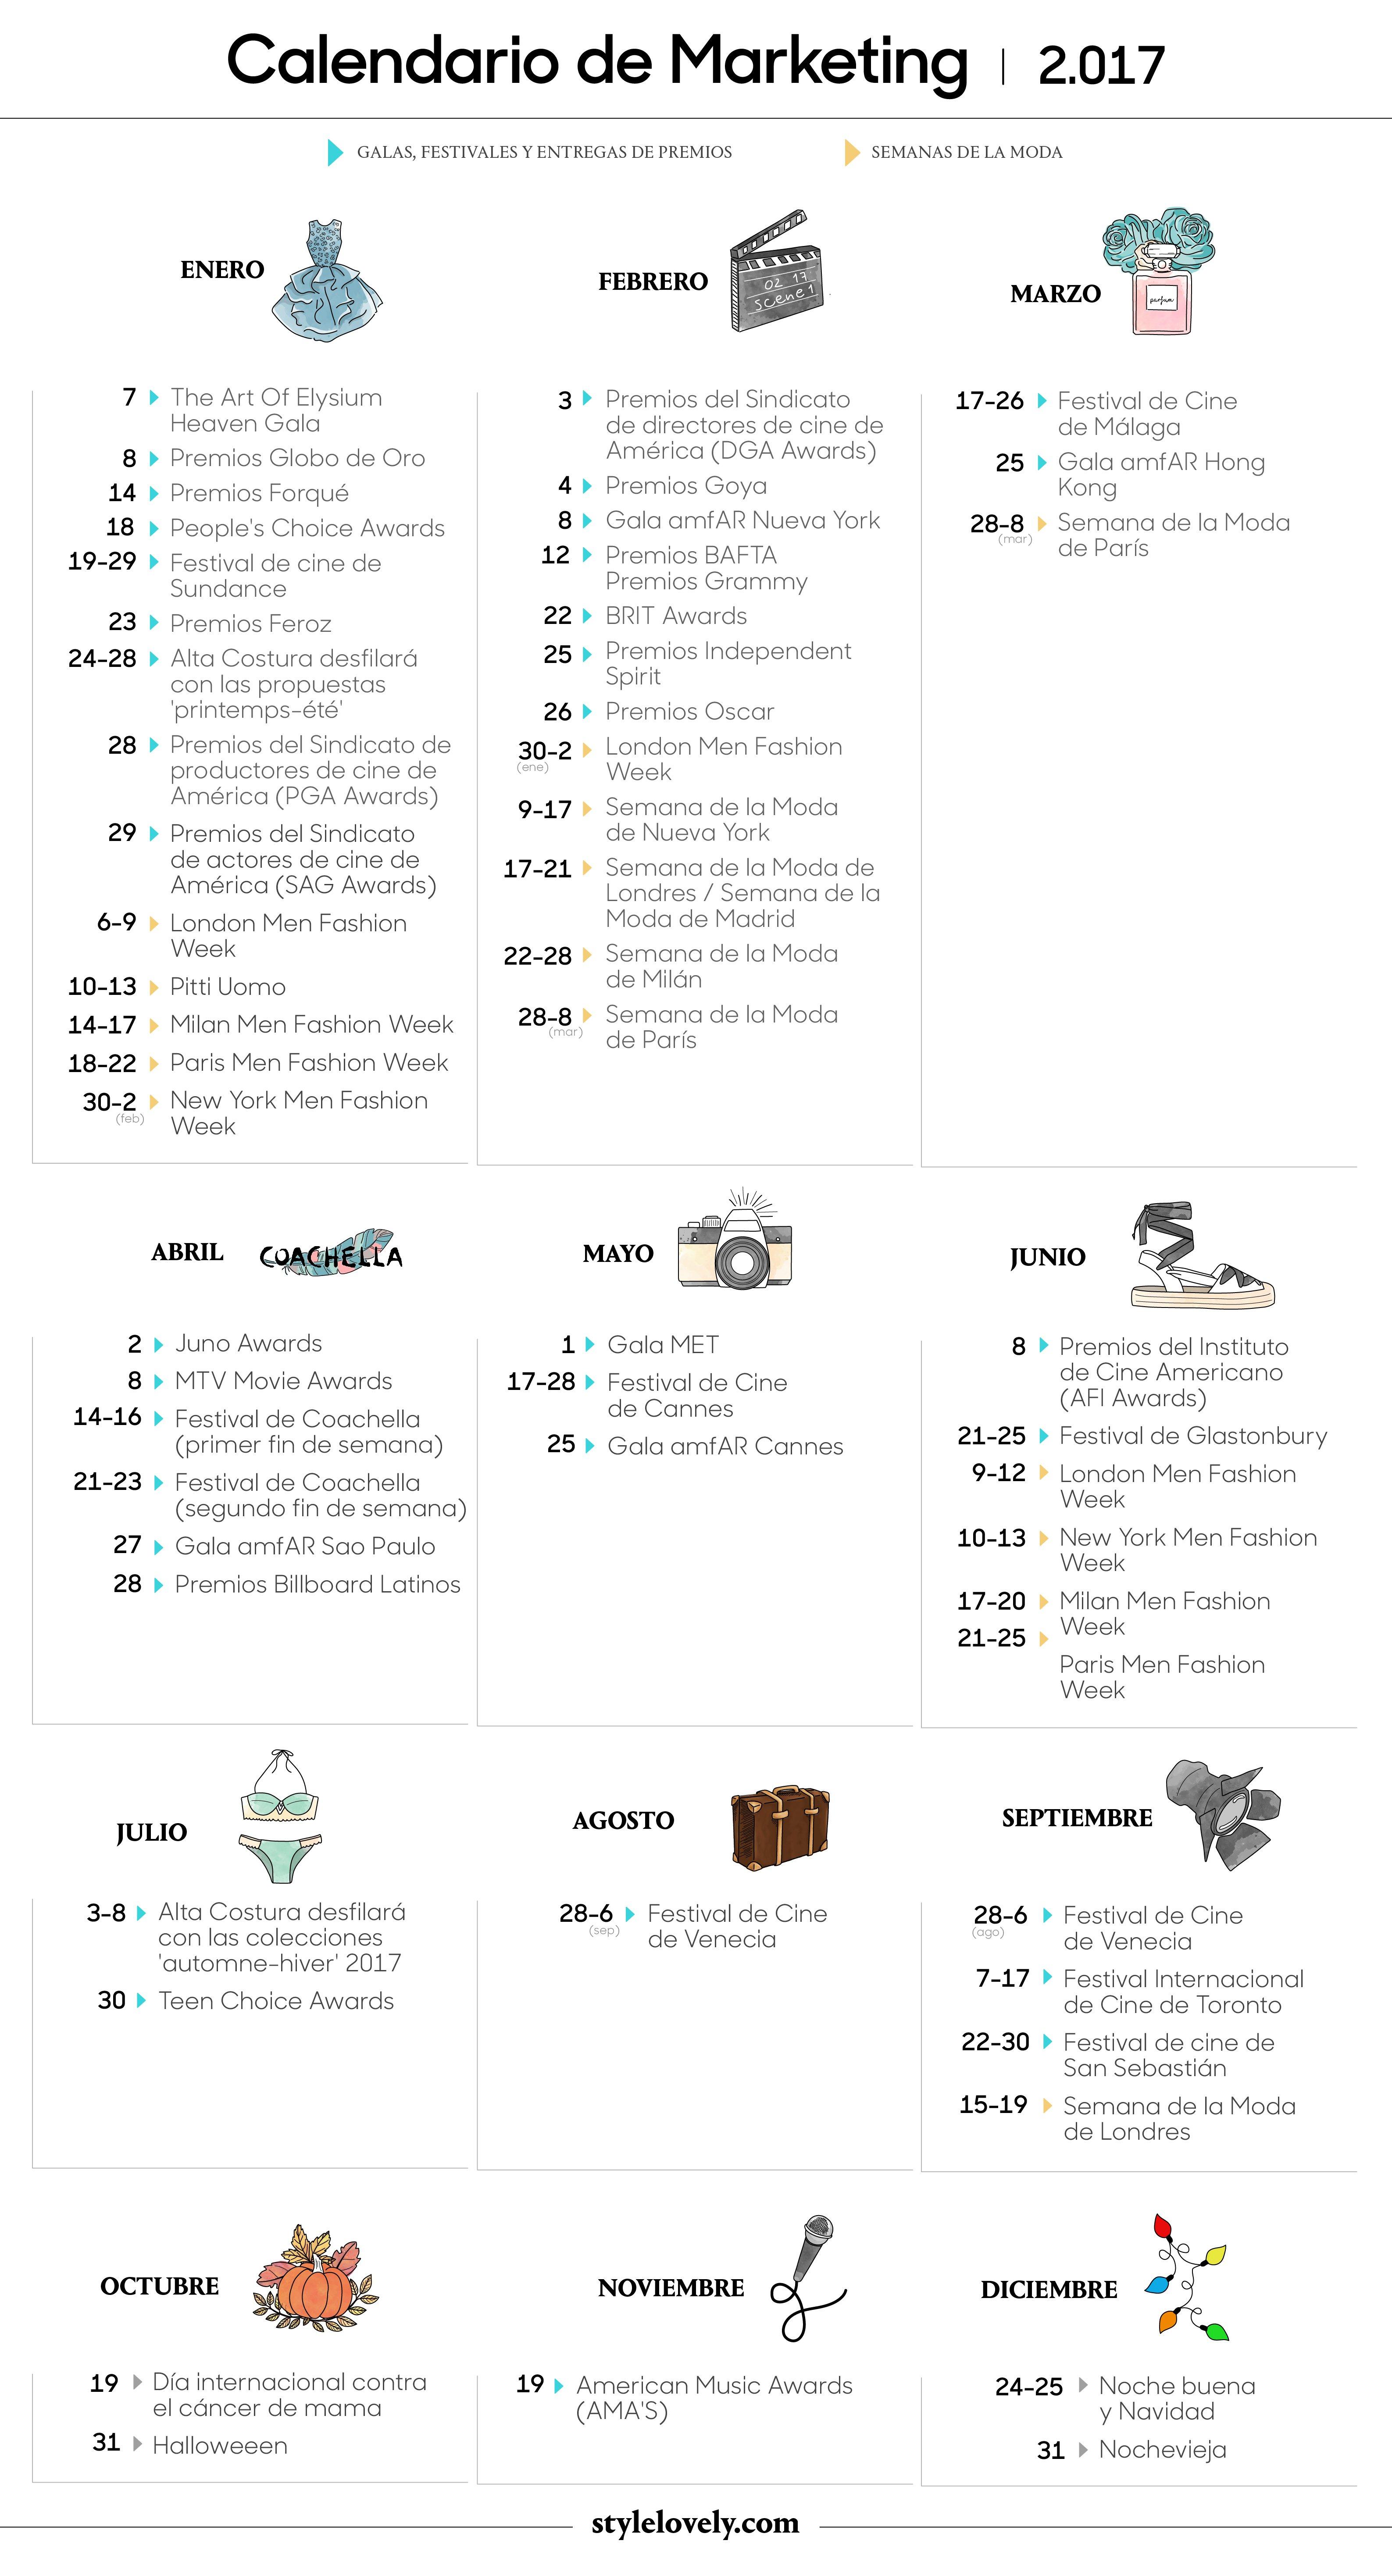 calendario de moda 2017